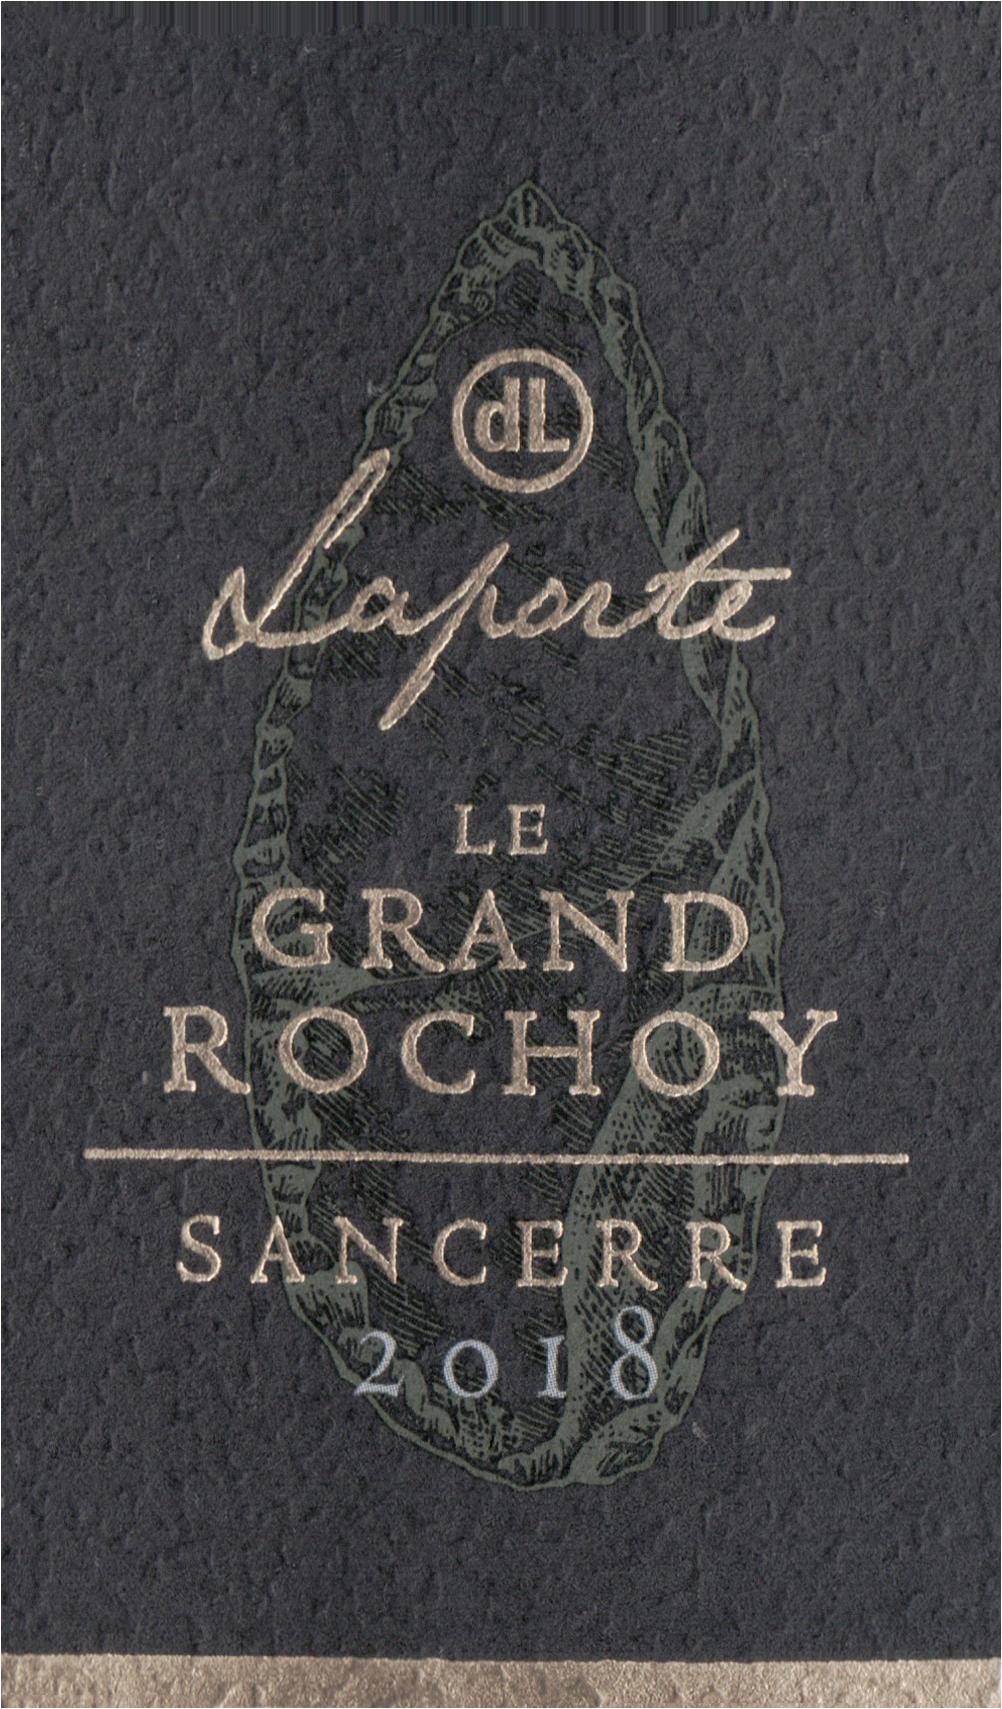 Laporte Sancerre Grand Rochoy 2018